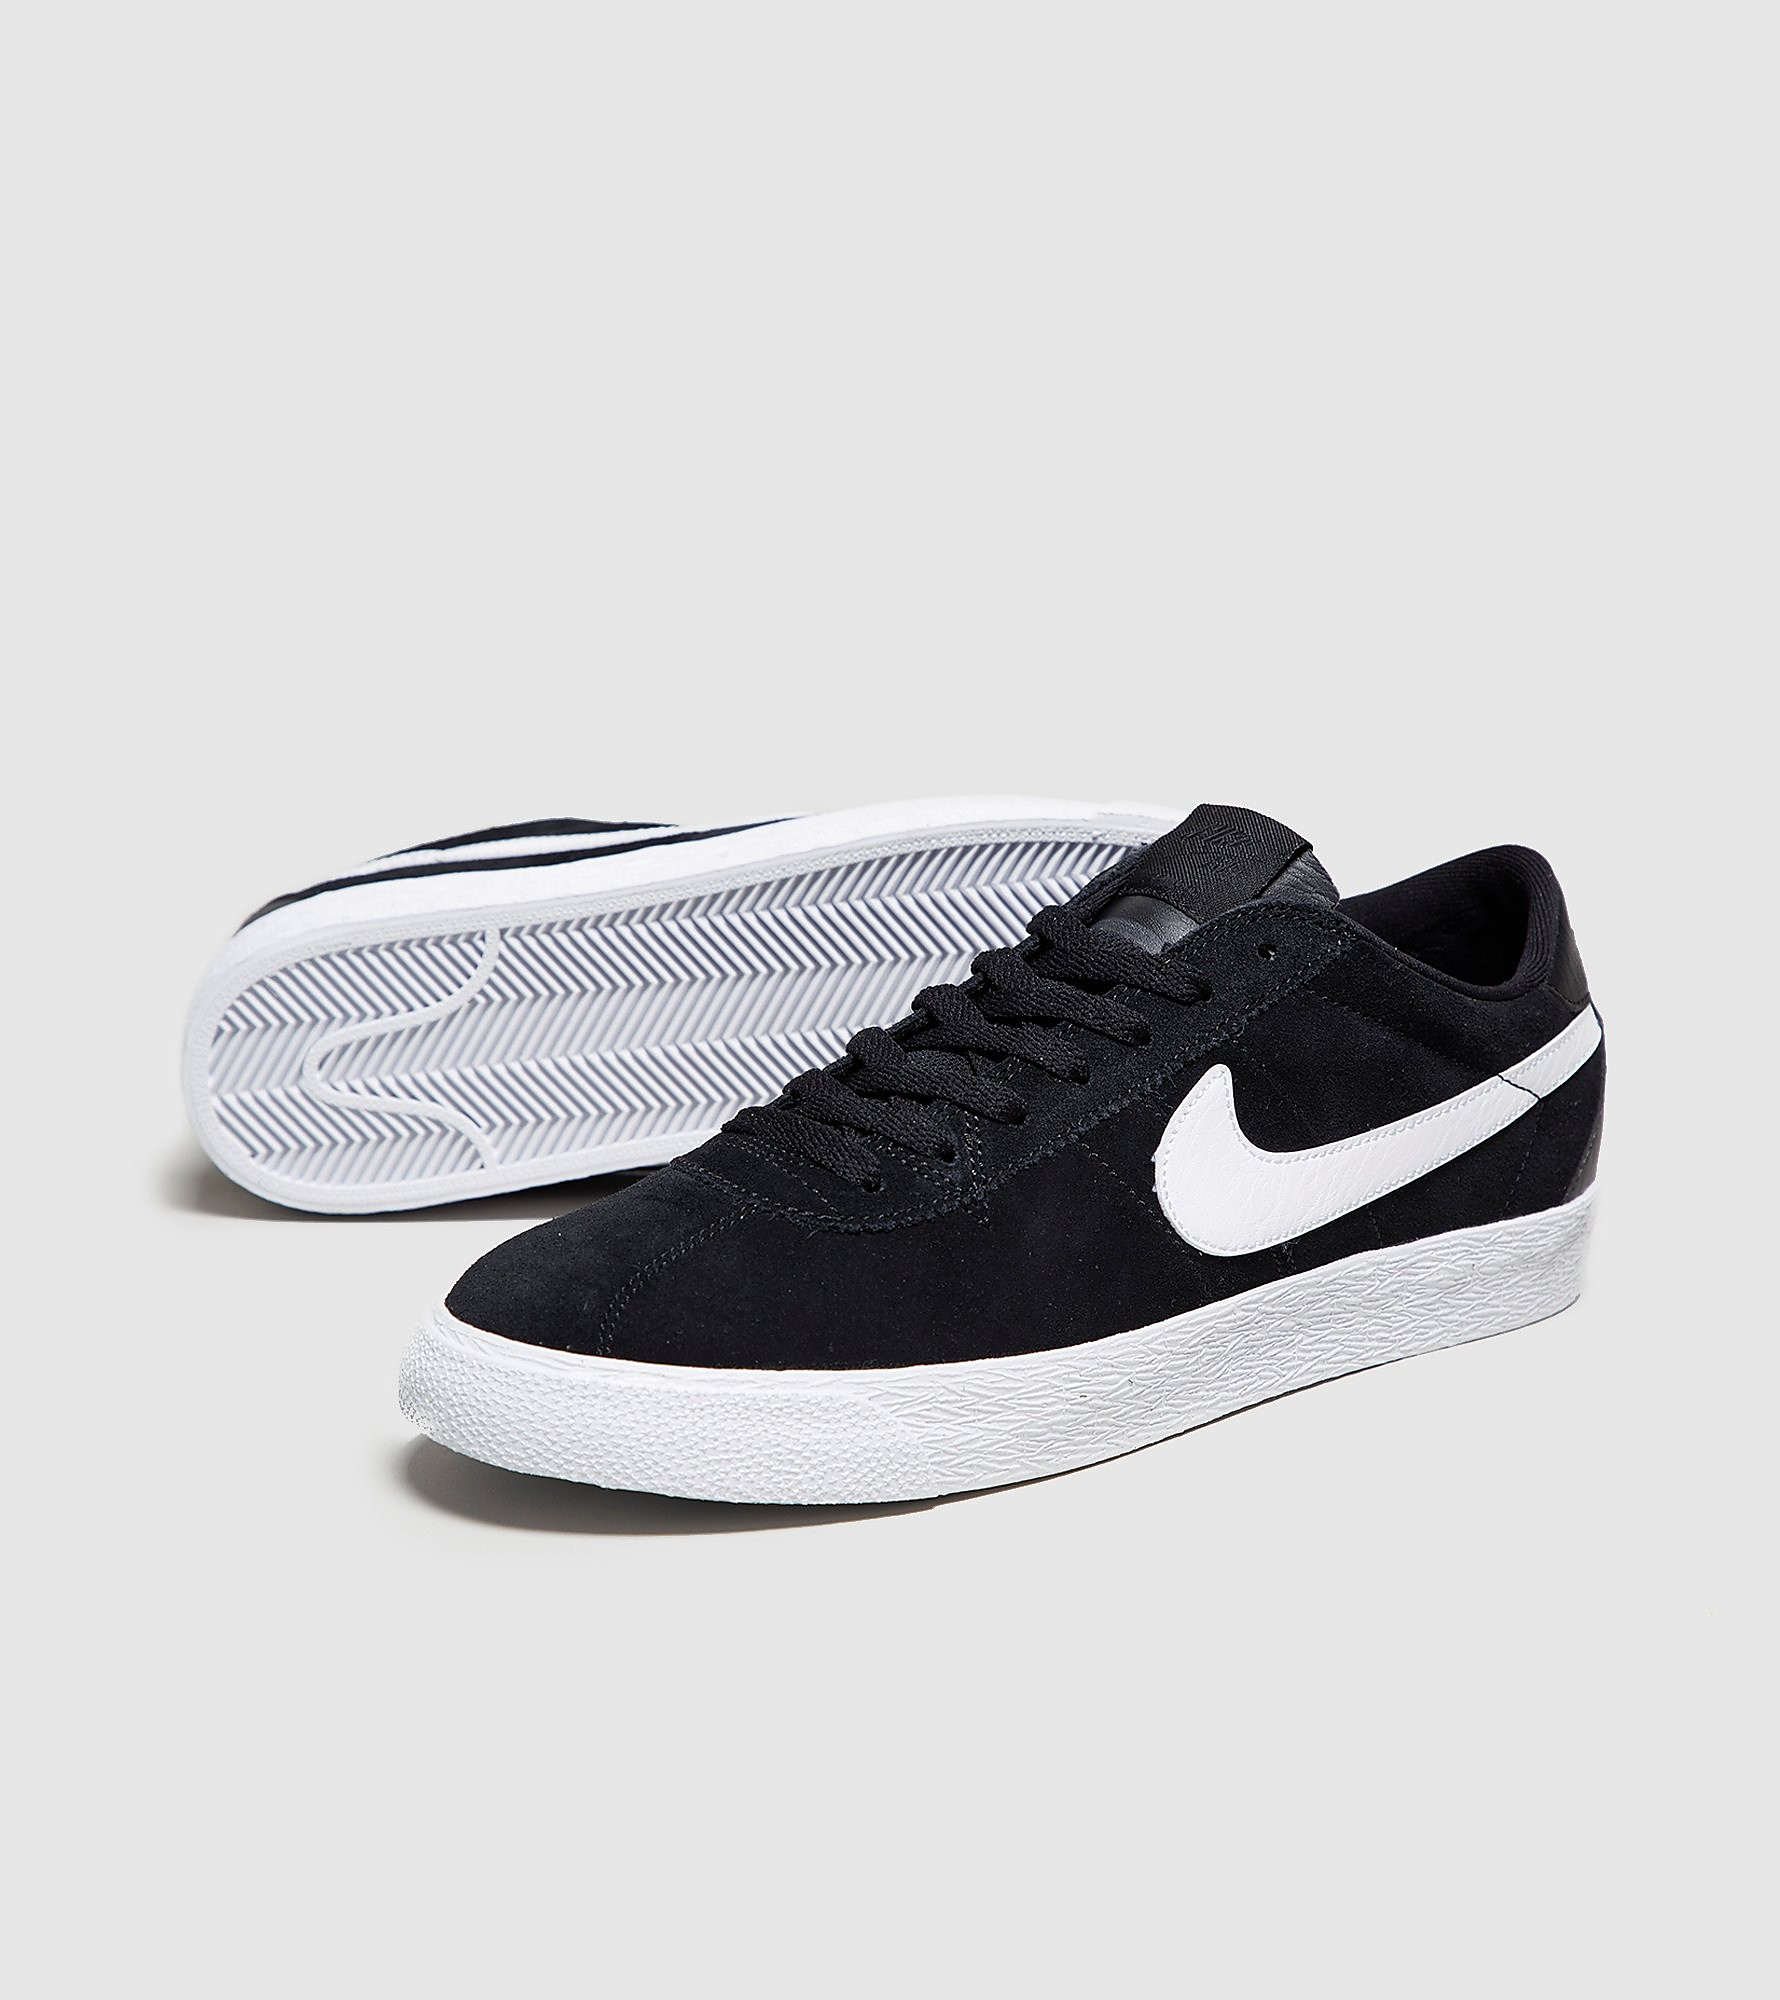 Nike SB Zoom Bruin Premium SE